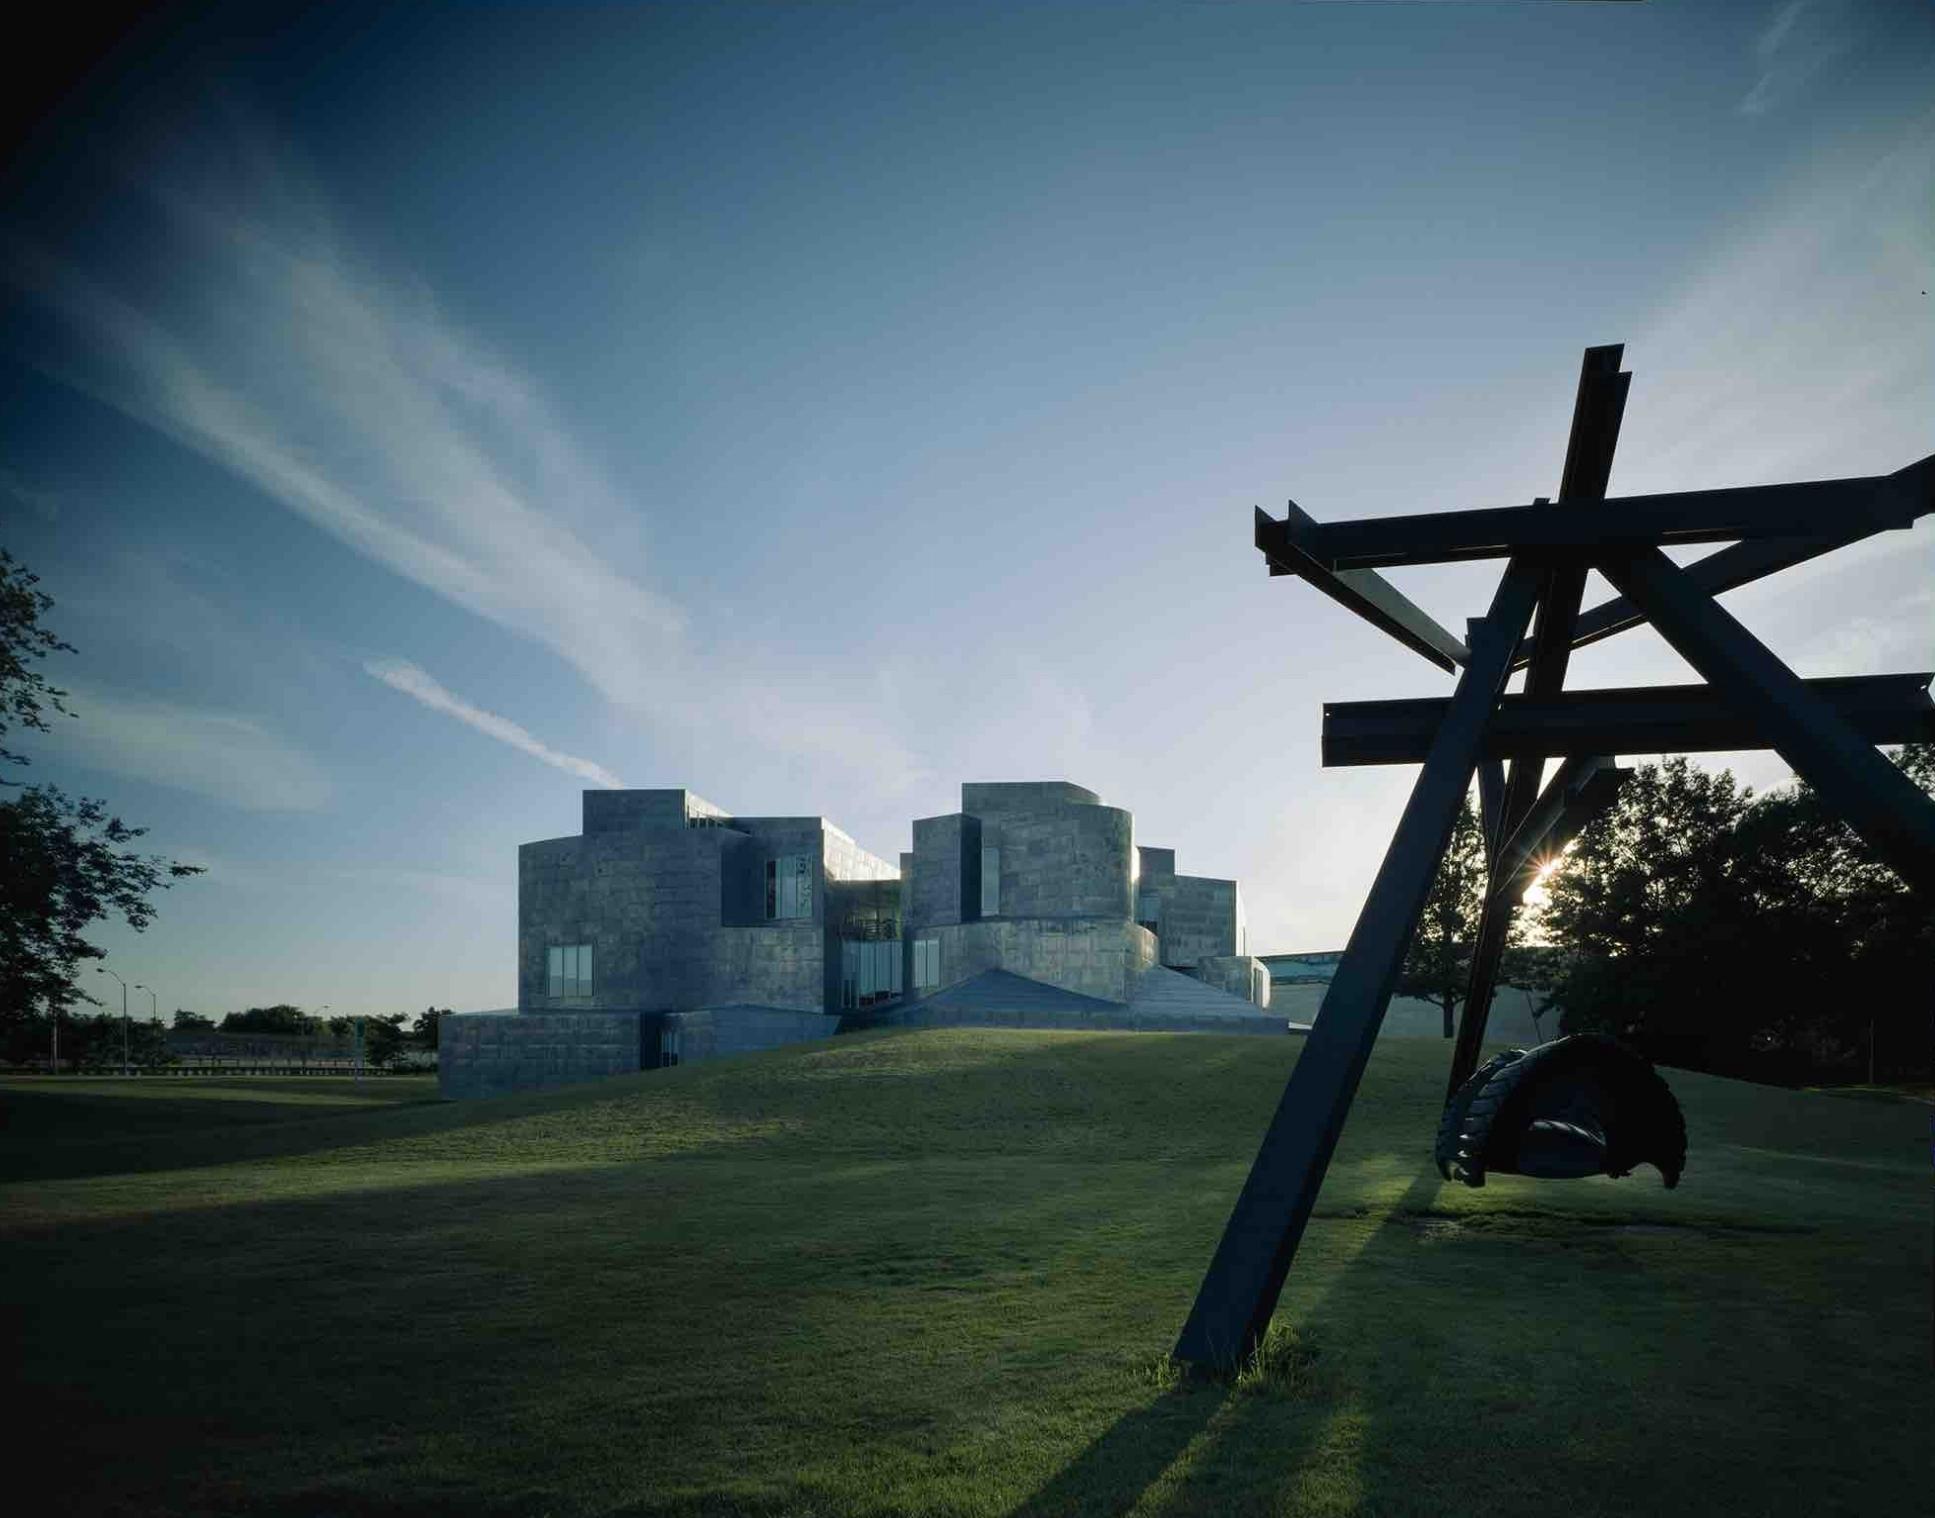 Frank Gehry, University of Toledo School of Art (Toledo, OH) 1990